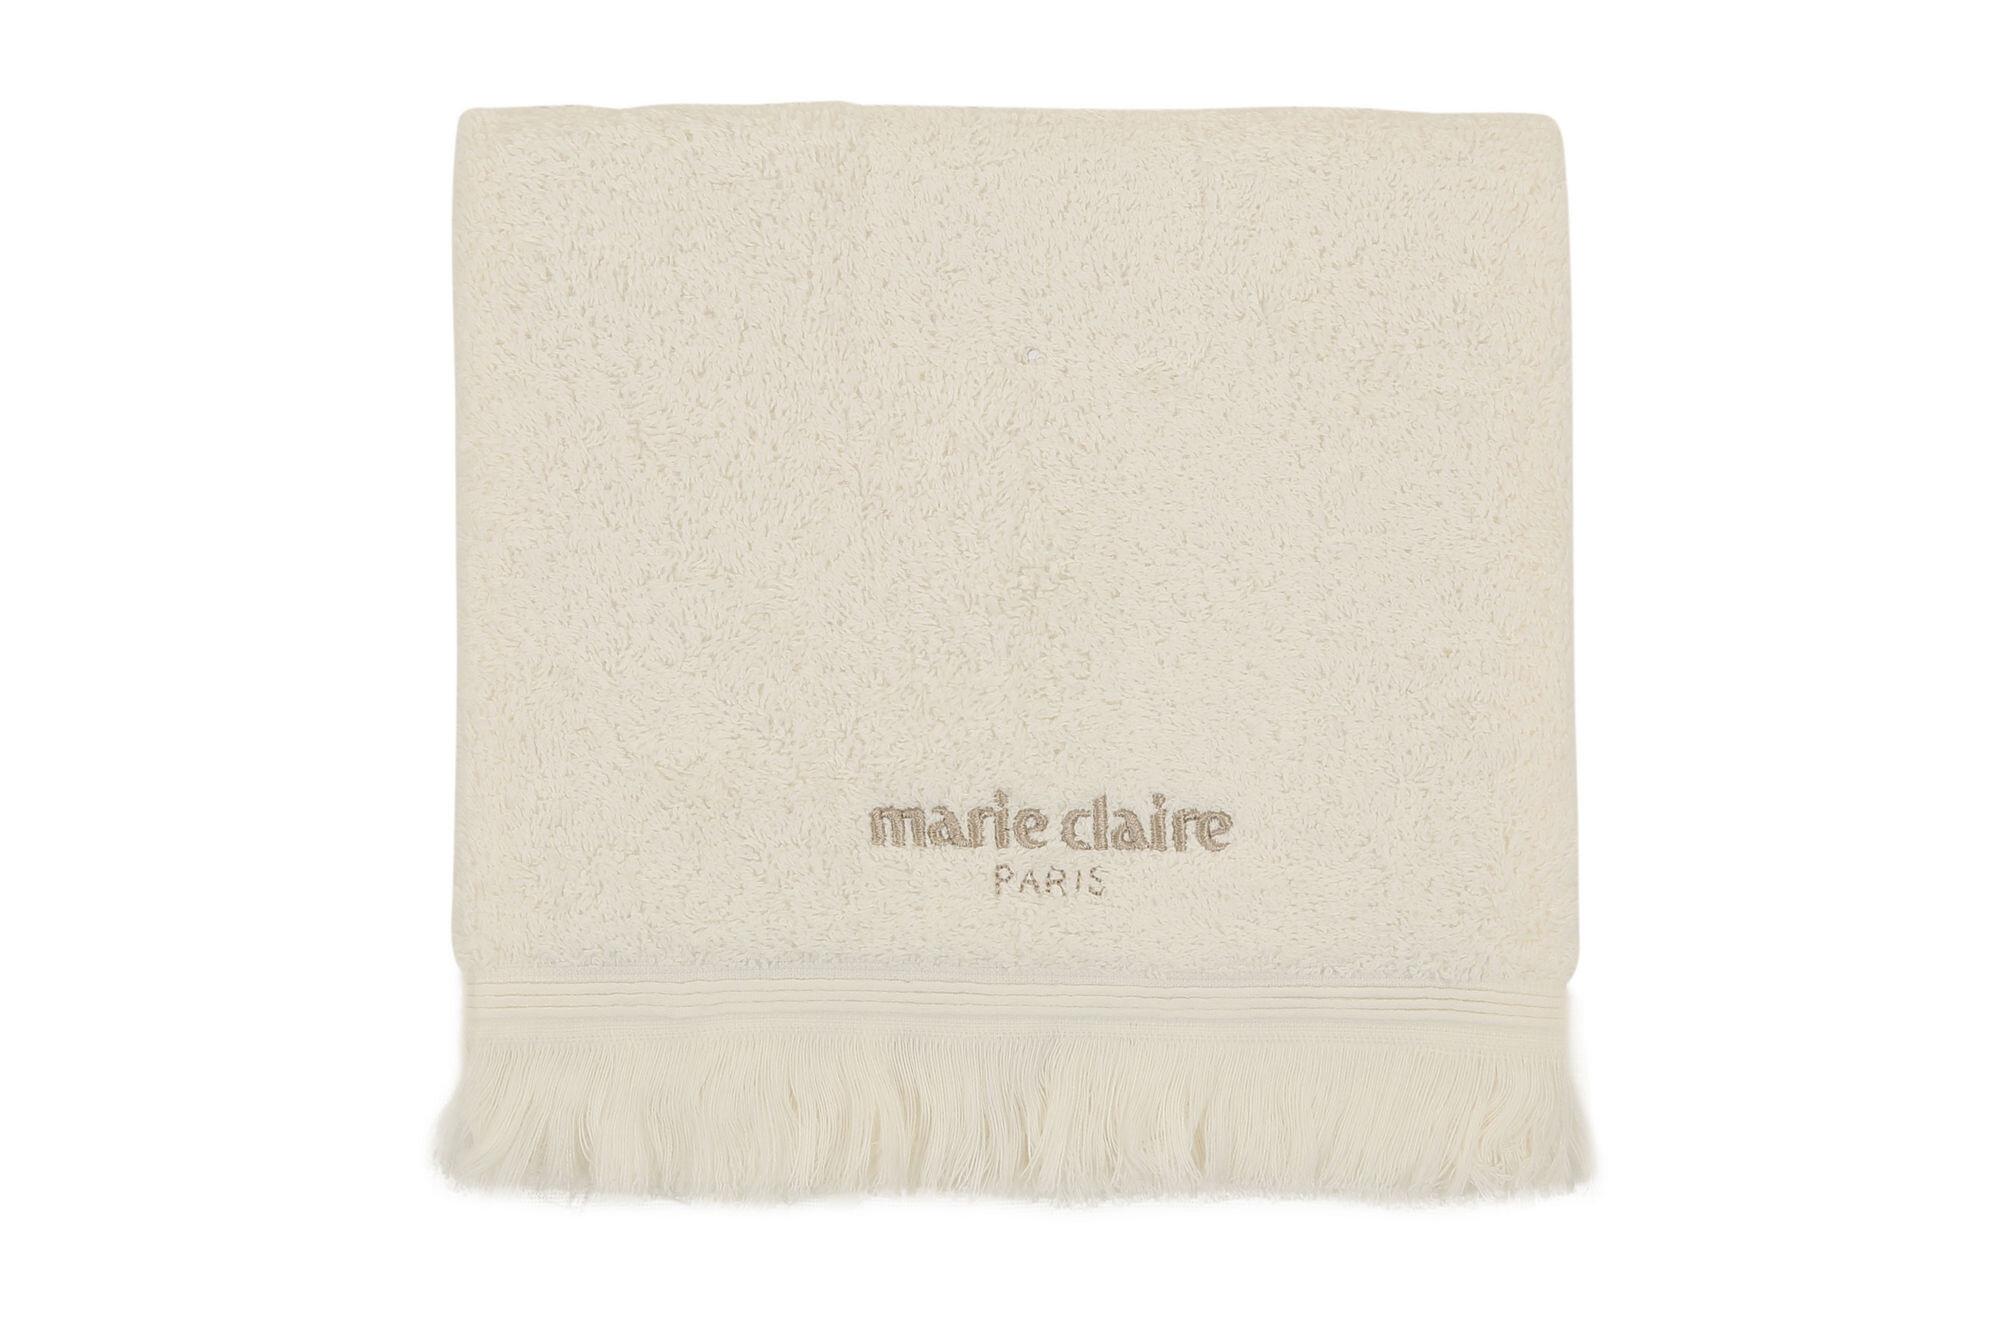 Prosop de maini, Marie Claire Frangine, bumbac, 50 x 90 cm, 332MCL1332